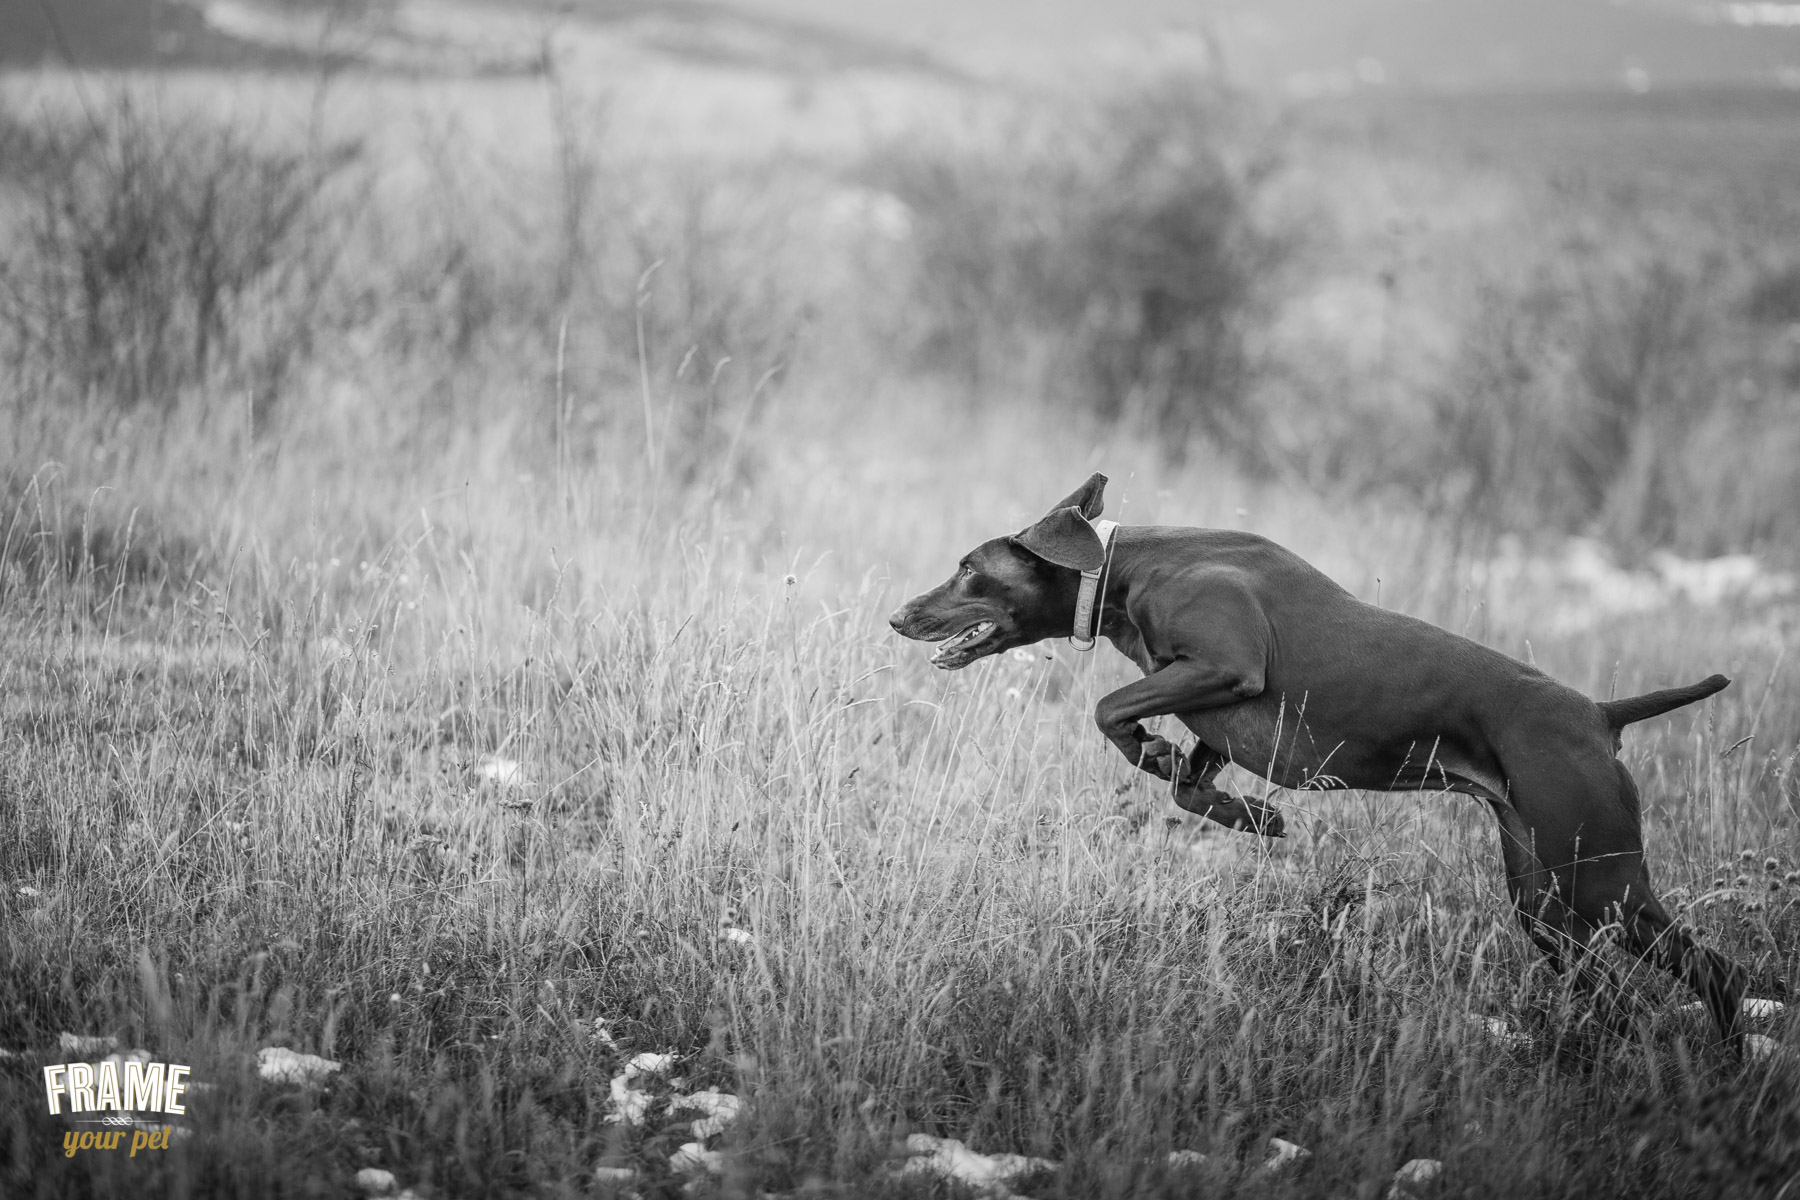 hunter-dog-running-in-field